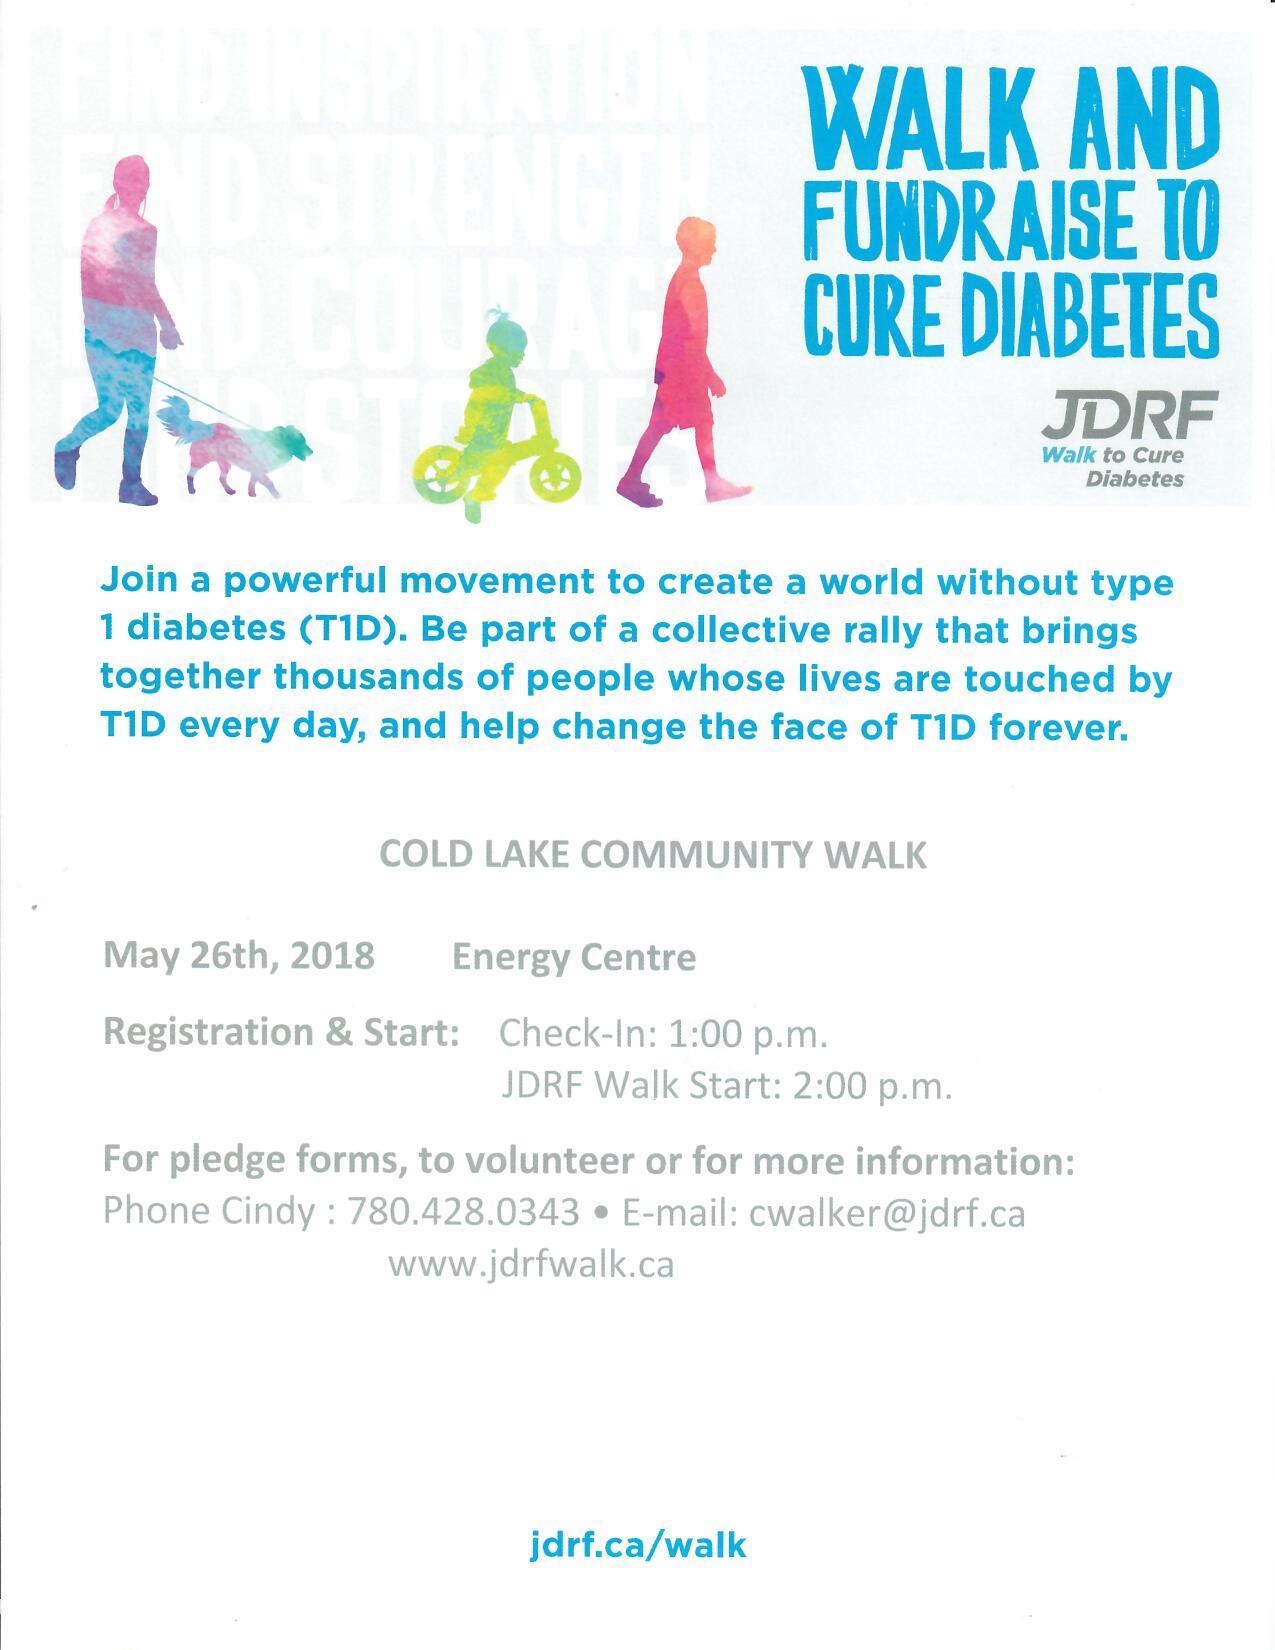 JDRF Walk to Cure Diabetes - My Lakeland Now